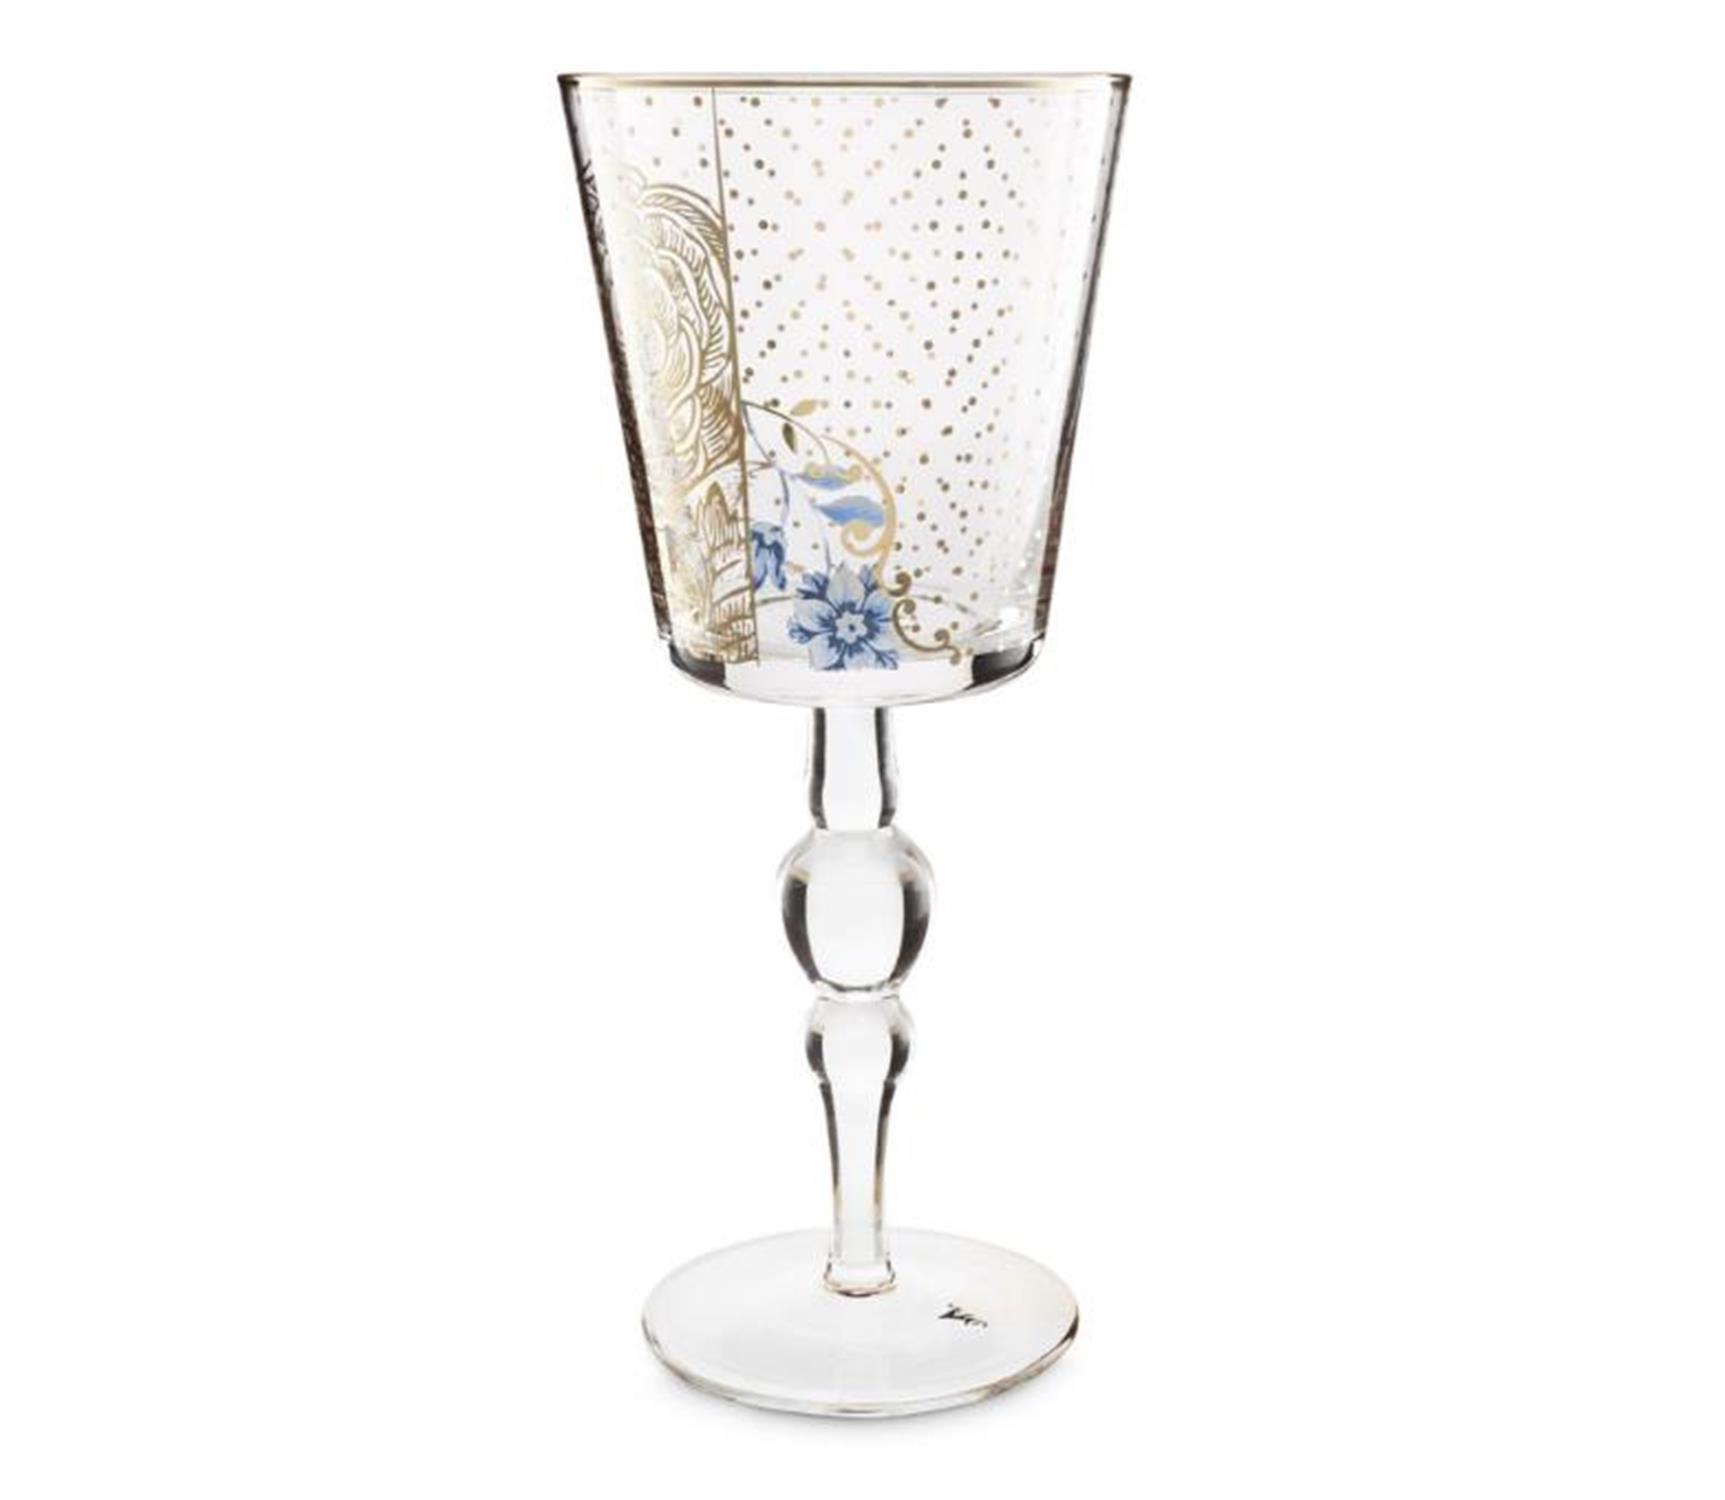 Ποτήρι κρασιού Royal Golden Flower 360ml γυάλινο διάφανο/χρυσό/μπλε Pip Studio 51131005